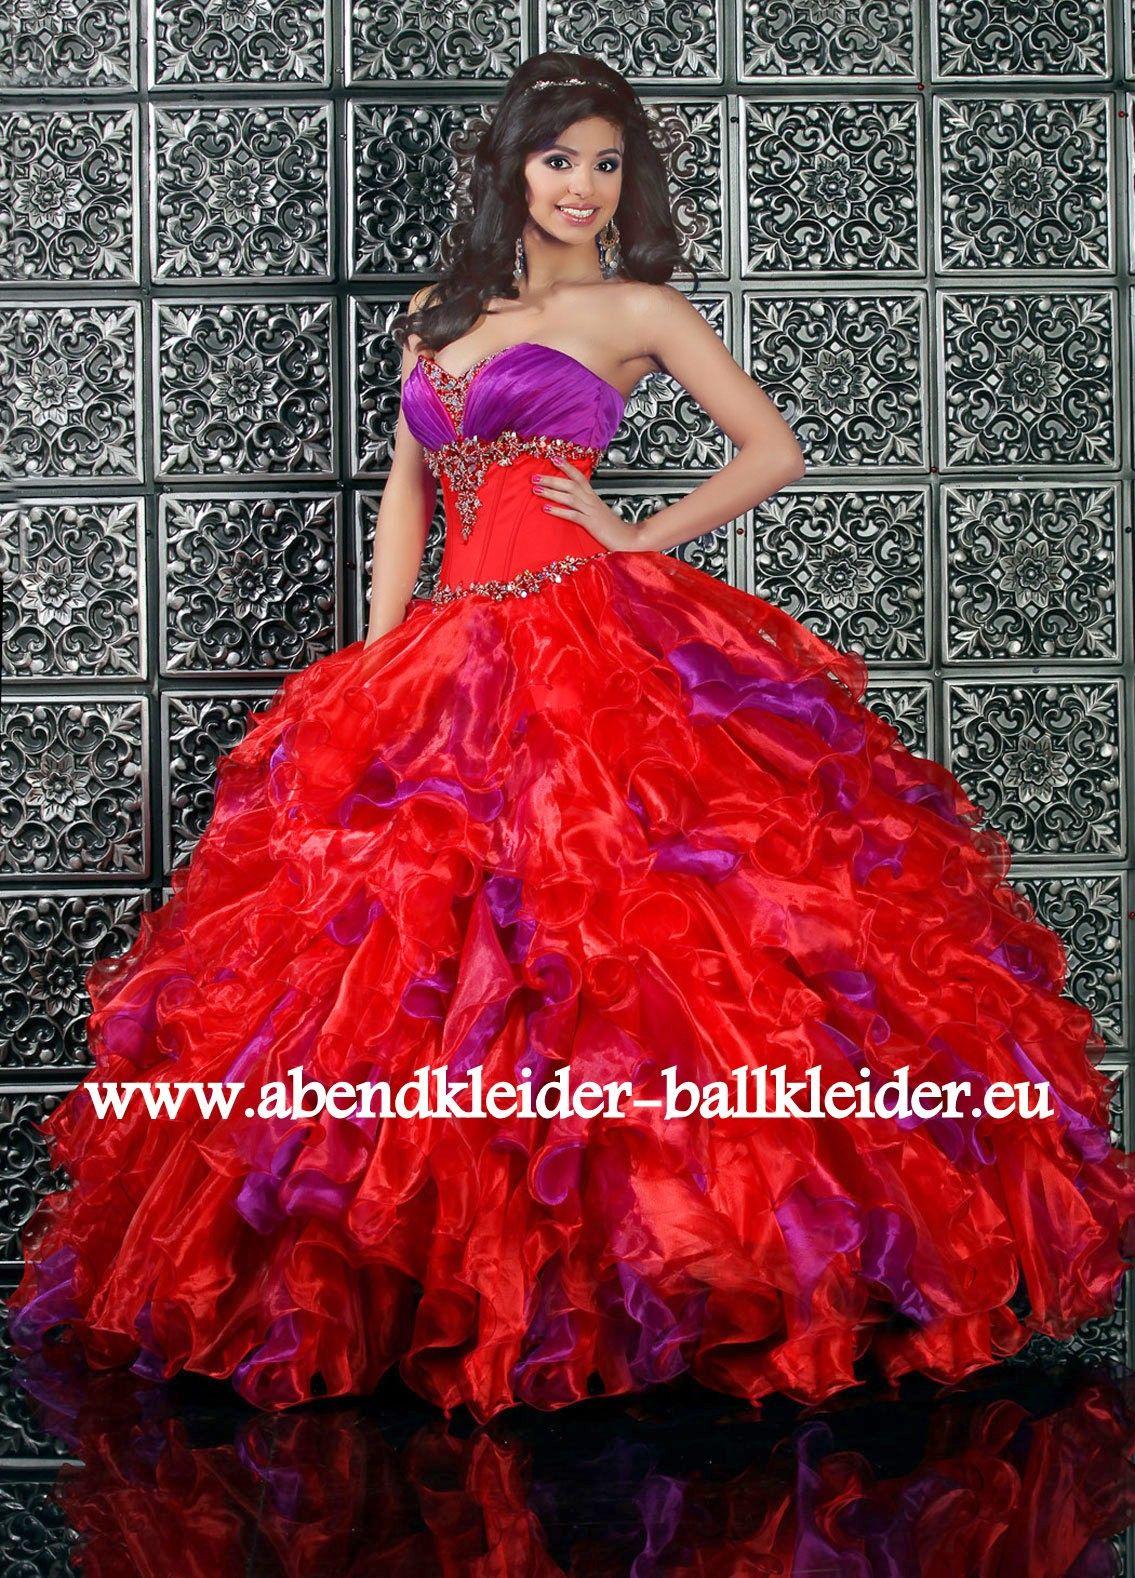 86430f312882e4 Duchesse Abendkleid Ballkleid in Rot Lila Online A Linie Abend - Ballkleid  Brautkleid in Hell Grün